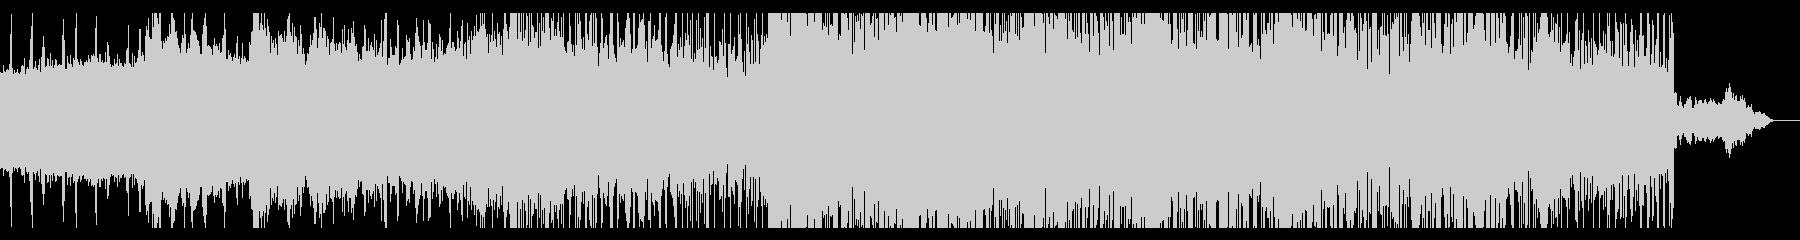 無機質でダークなアンビエントの未再生の波形